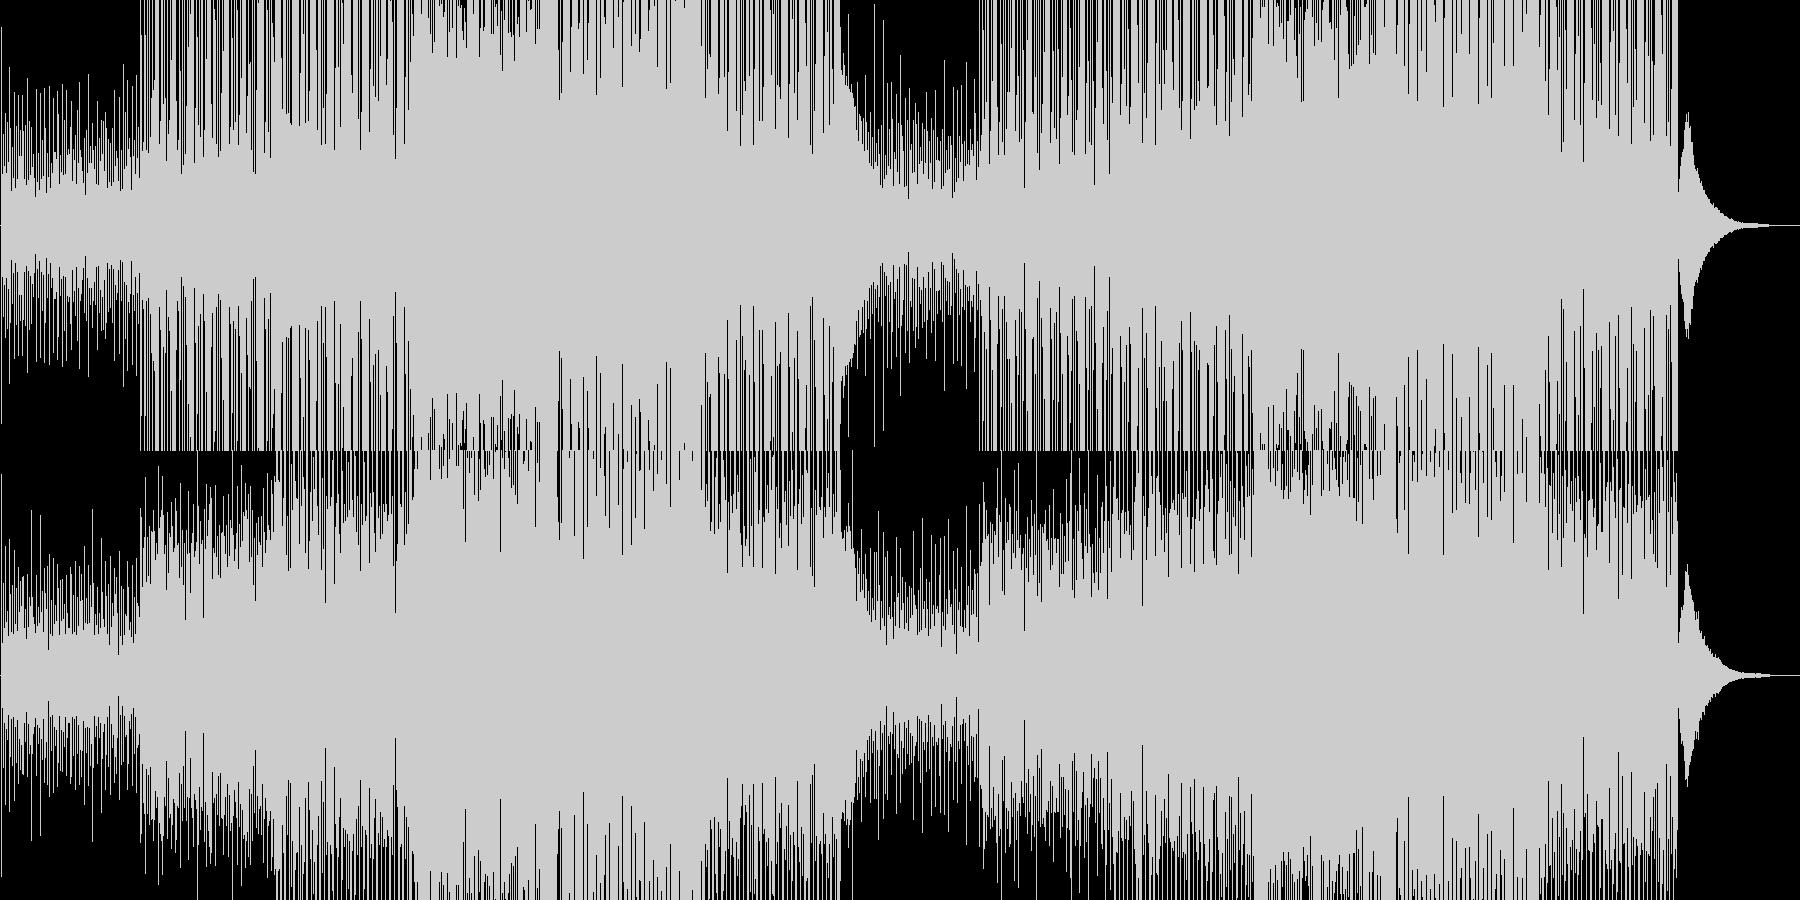 プログレッシブハウスのインストの未再生の波形